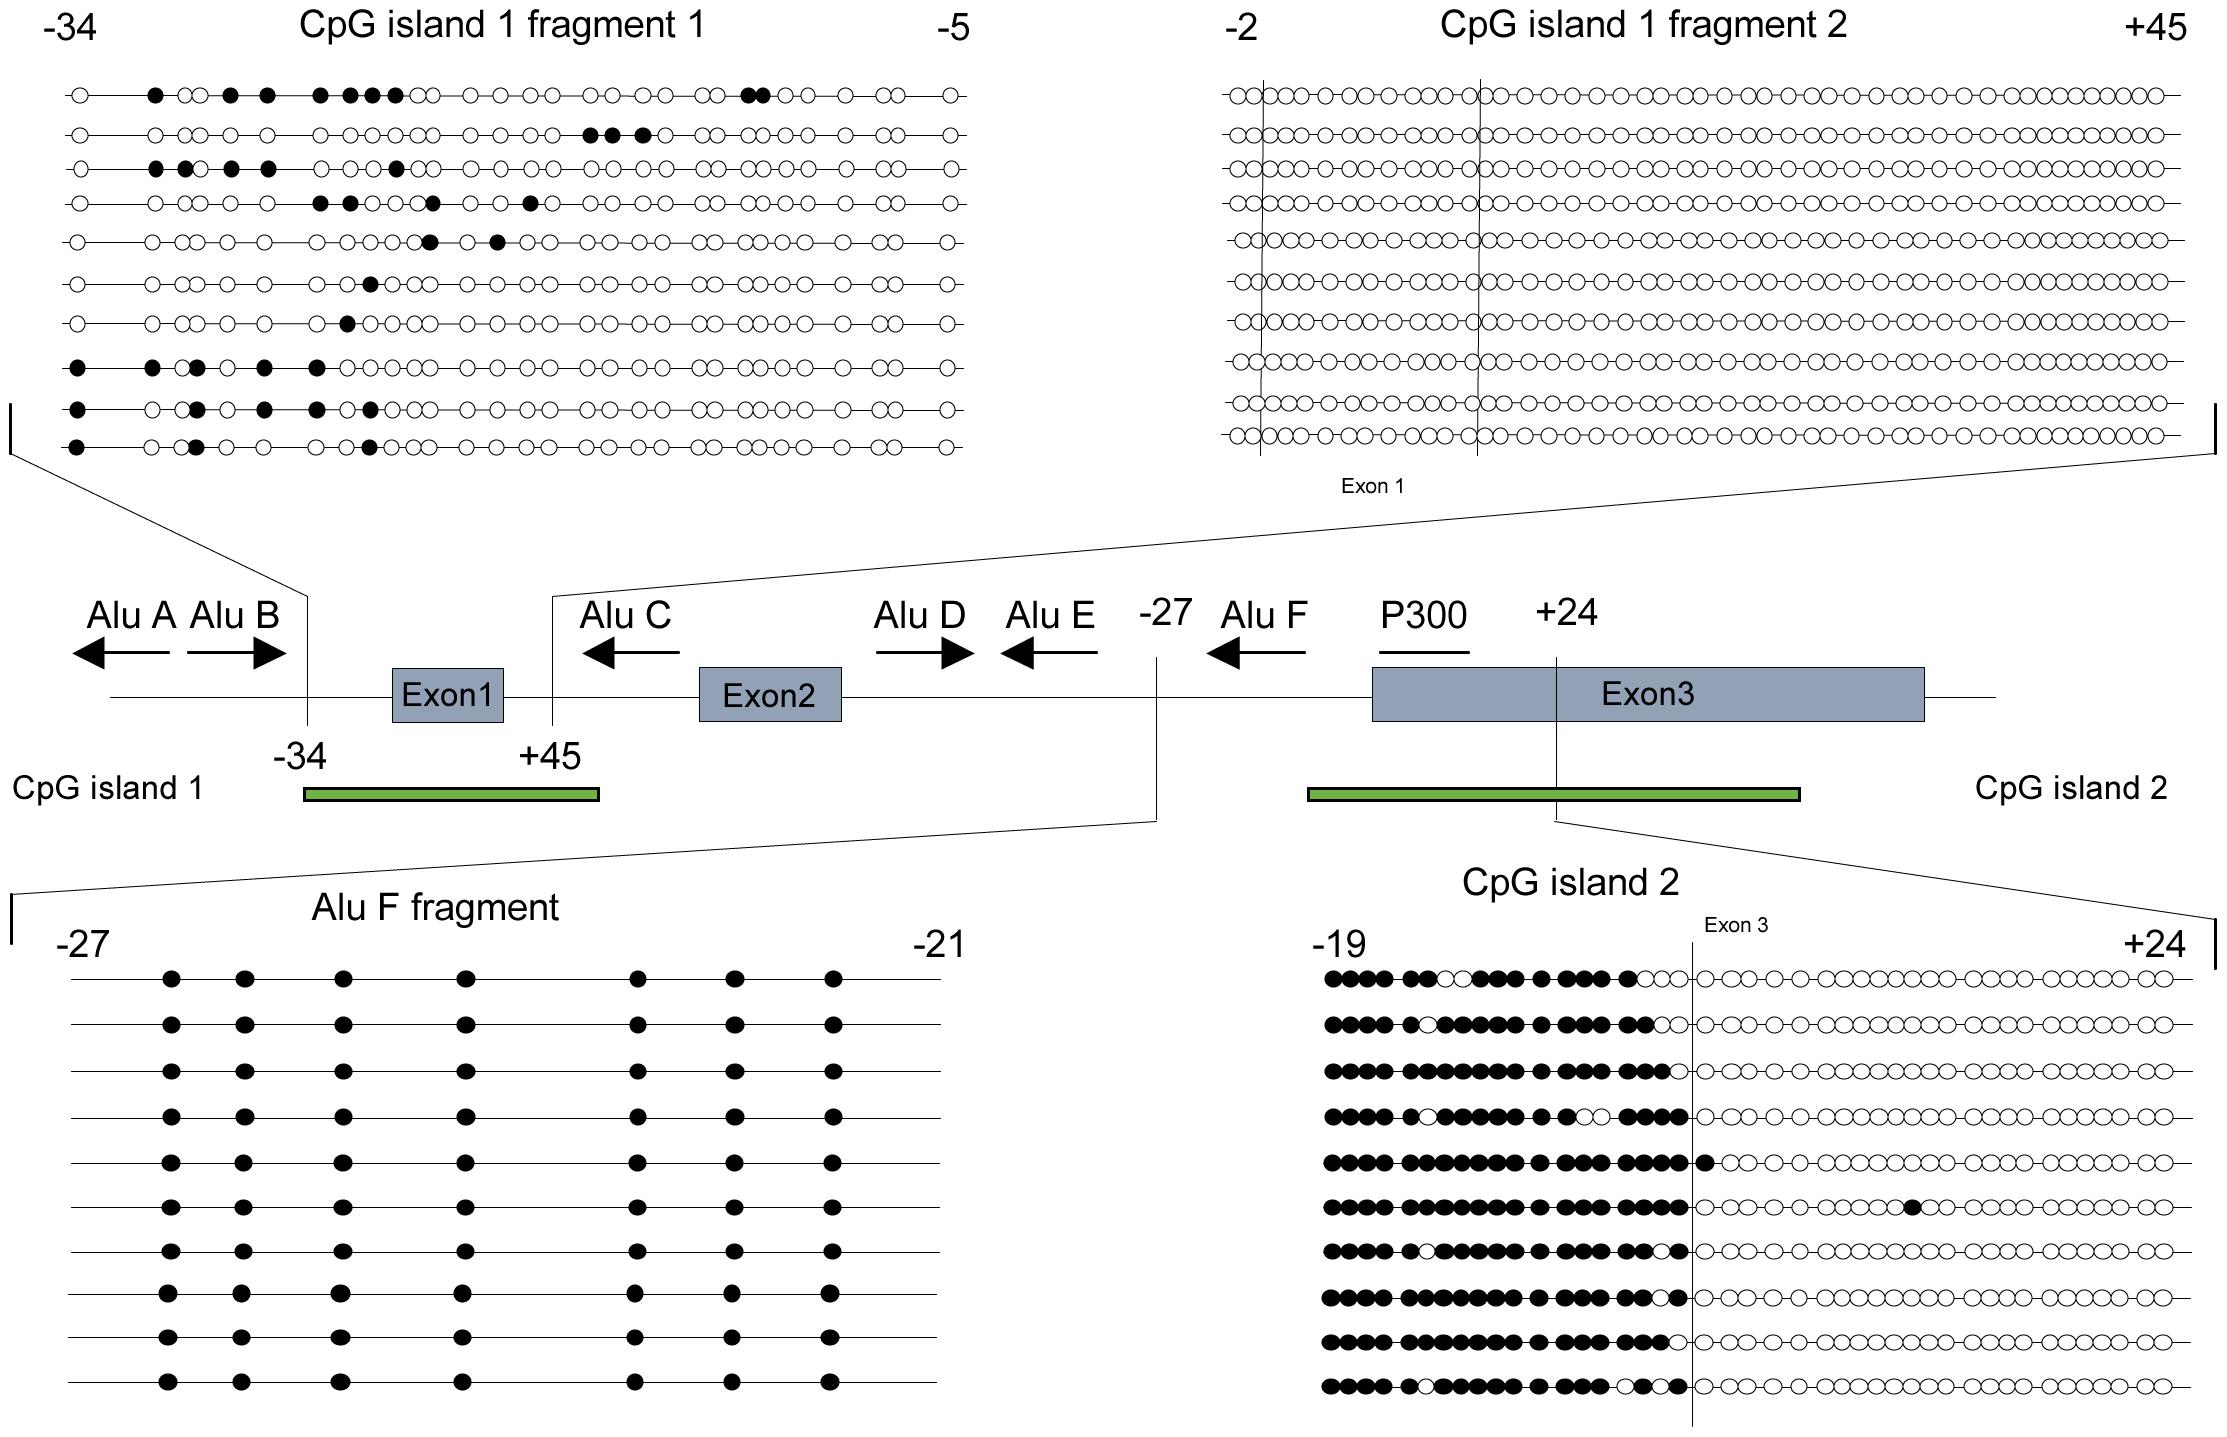 <i>POMC</i> CpG methylation pattern of CpG island 1 and 2.